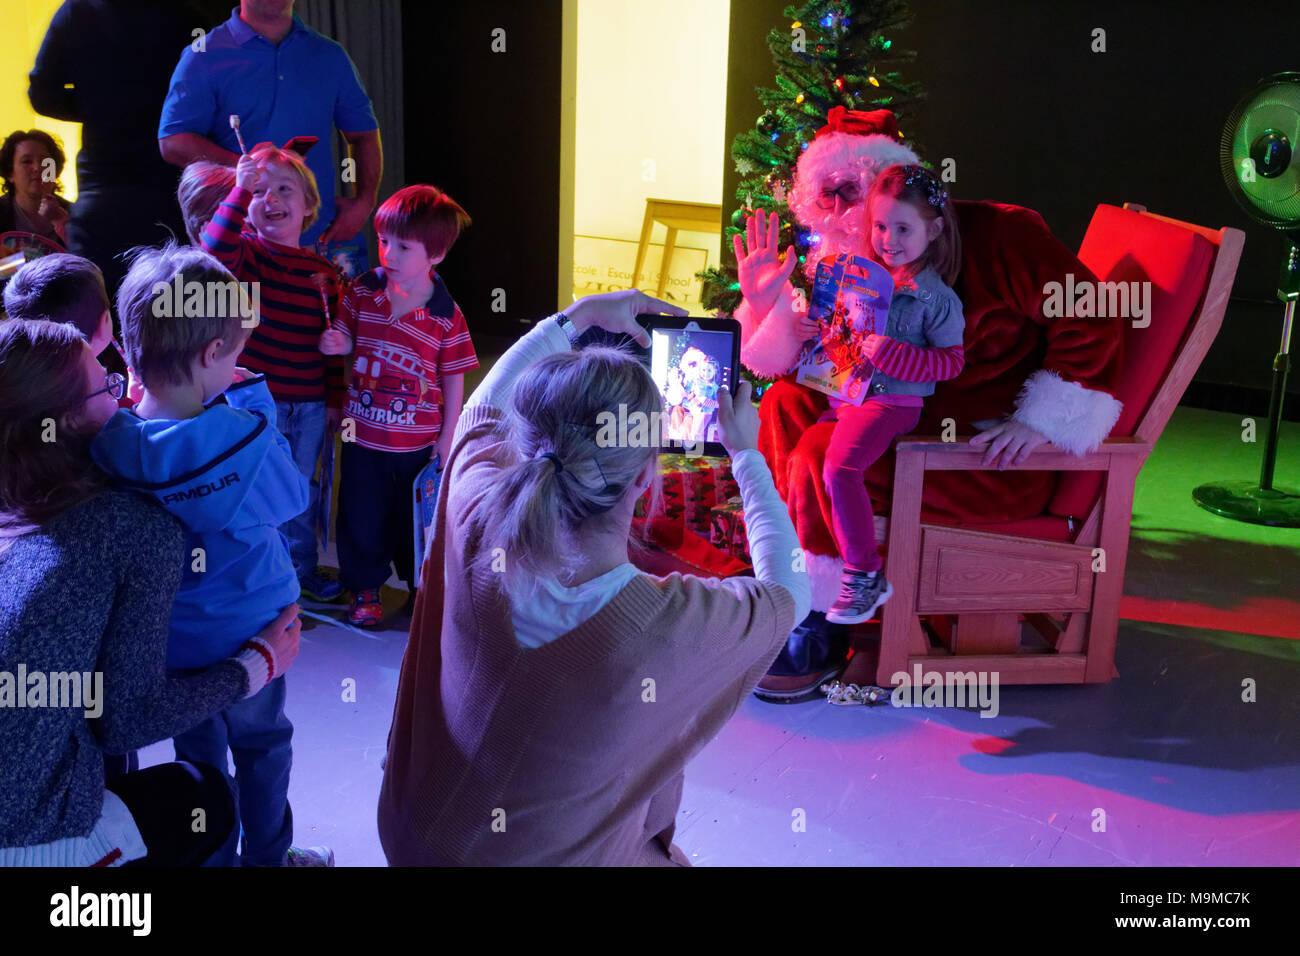 Une mère à l'aide d'un ipad pour photographier un enfant assis avec le Père Noël Photo Stock